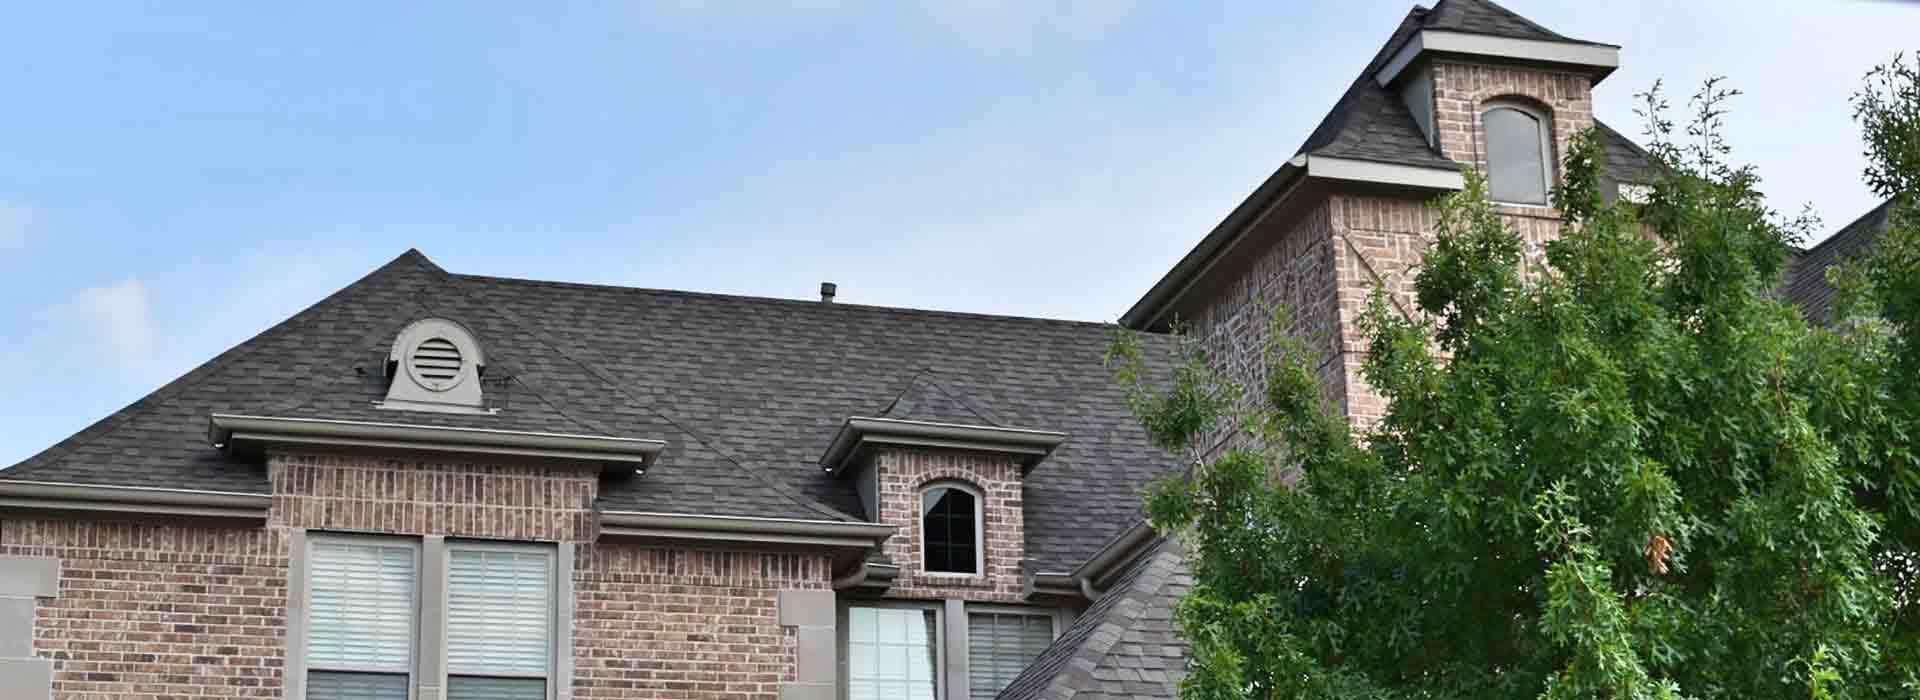 Full Roof System